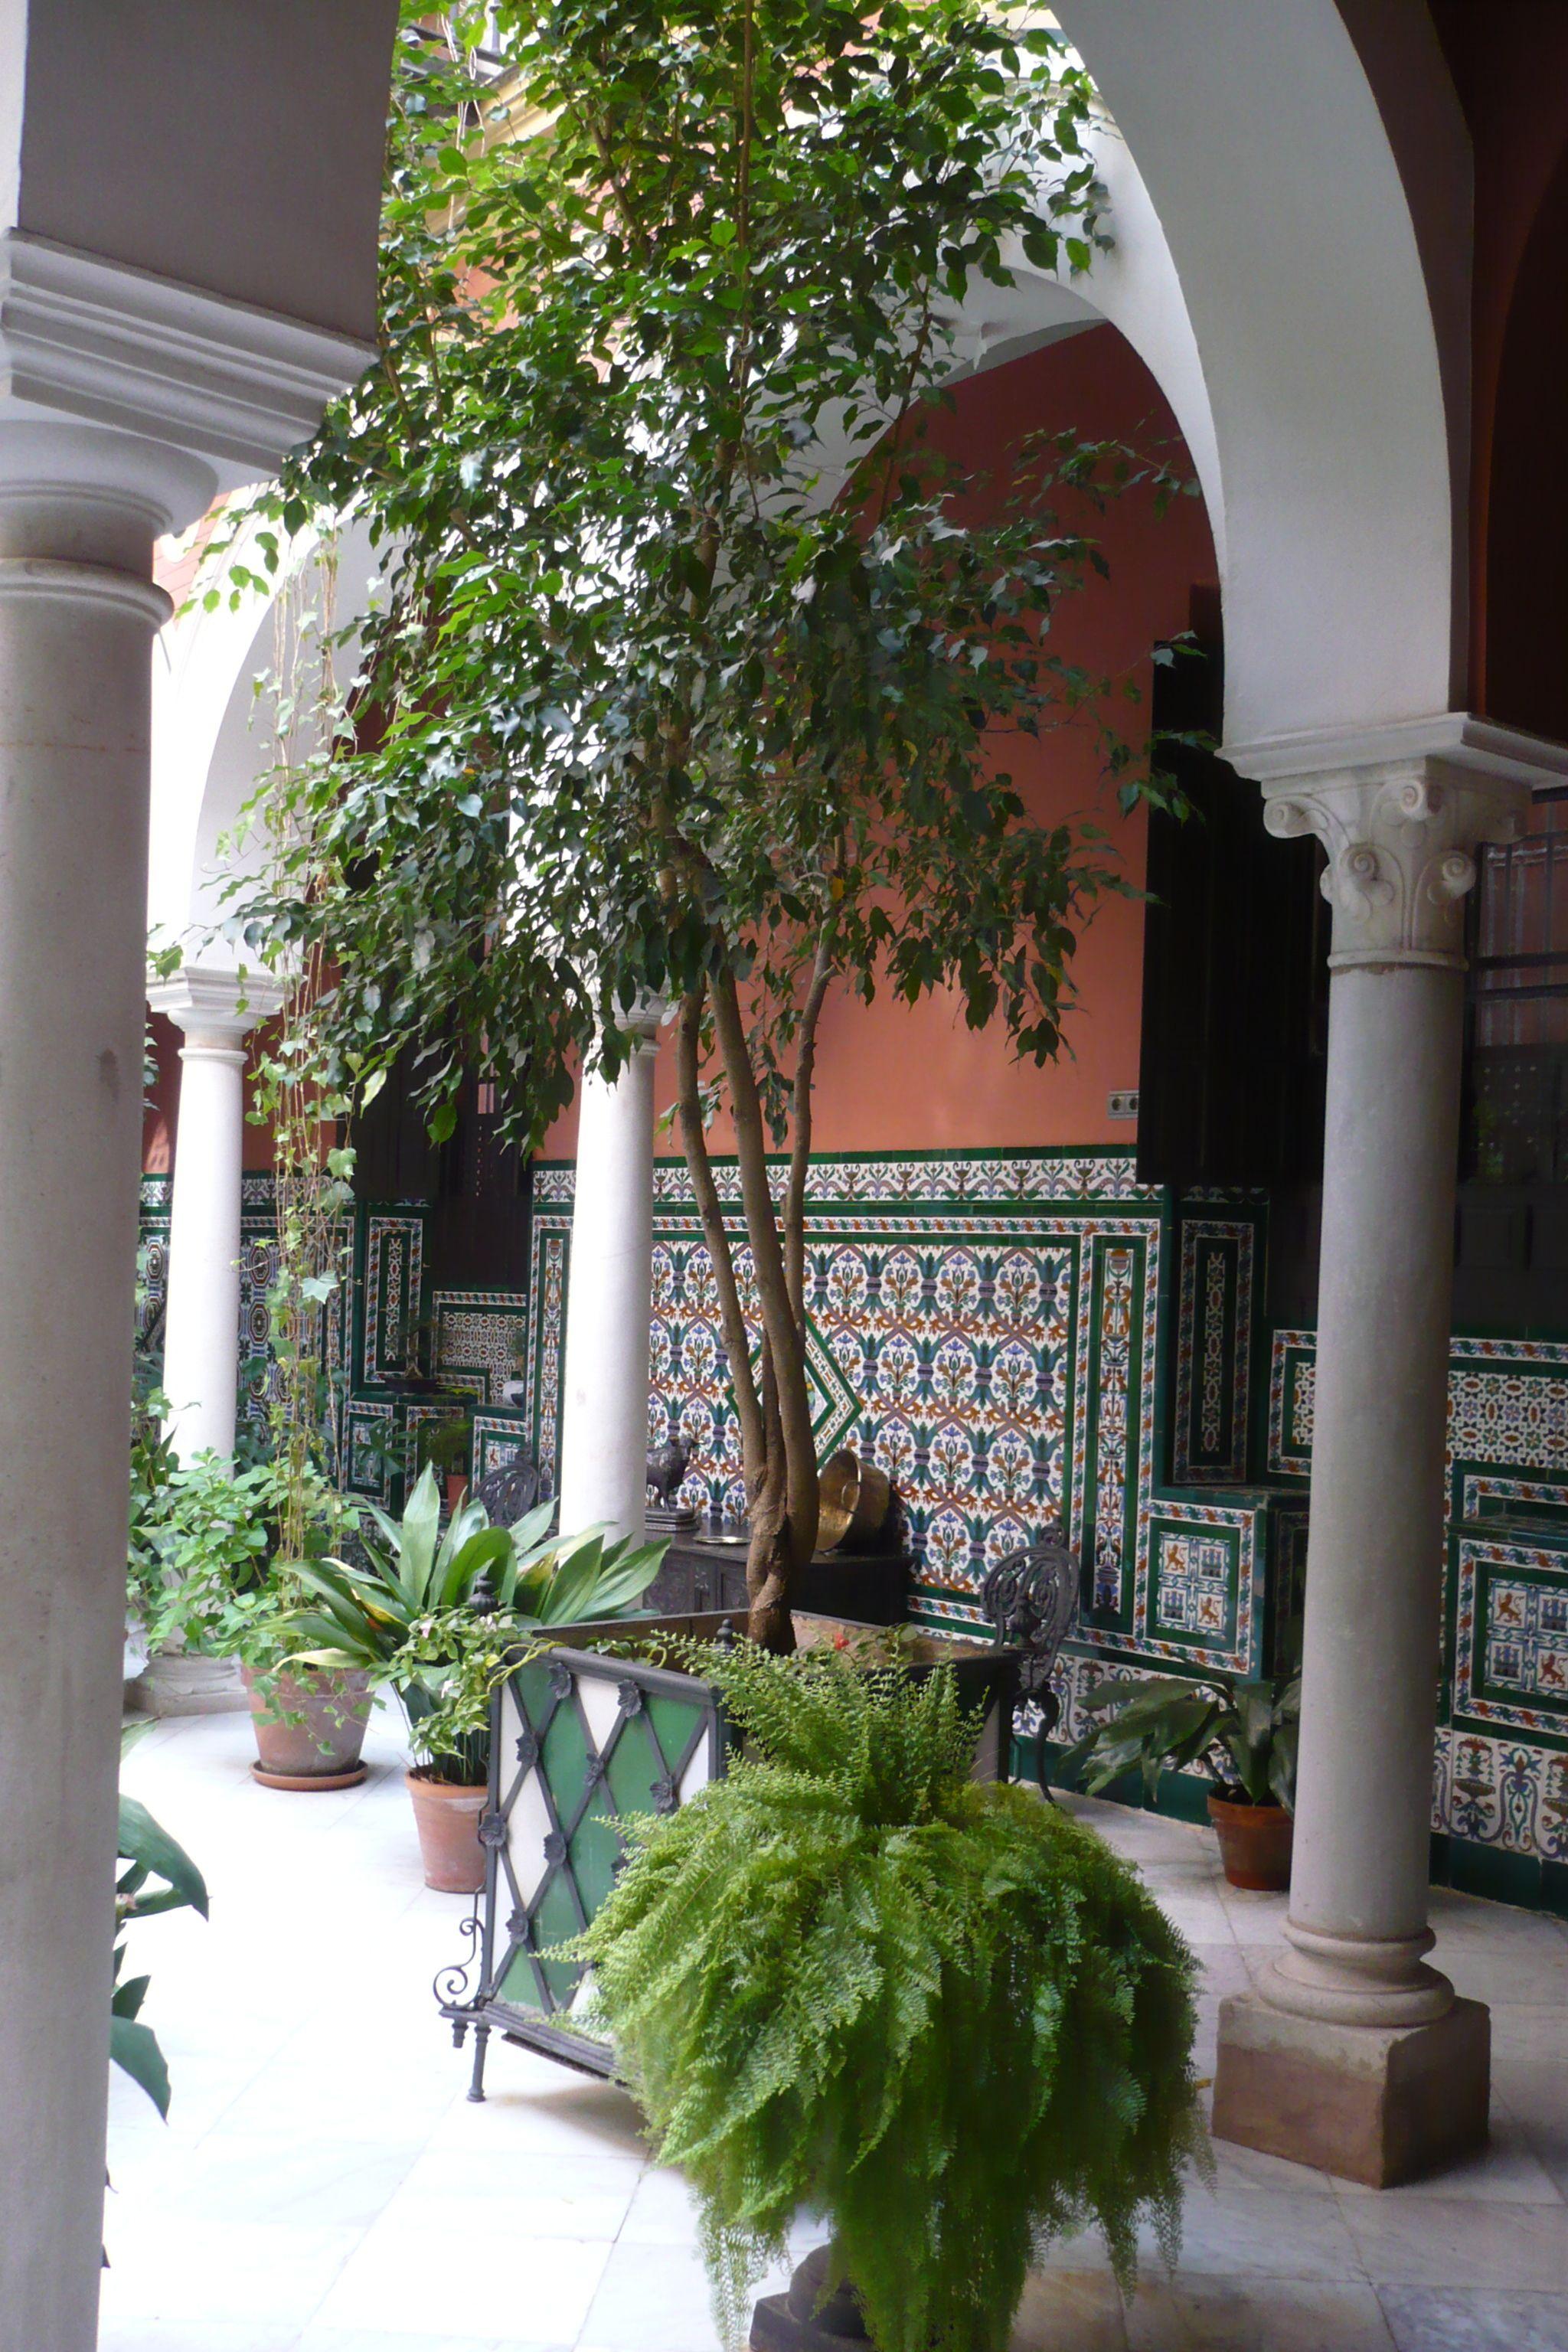 Patios los patios de casas andaluzas un remanso de paz for Fotos de fachadas de casas andaluzas